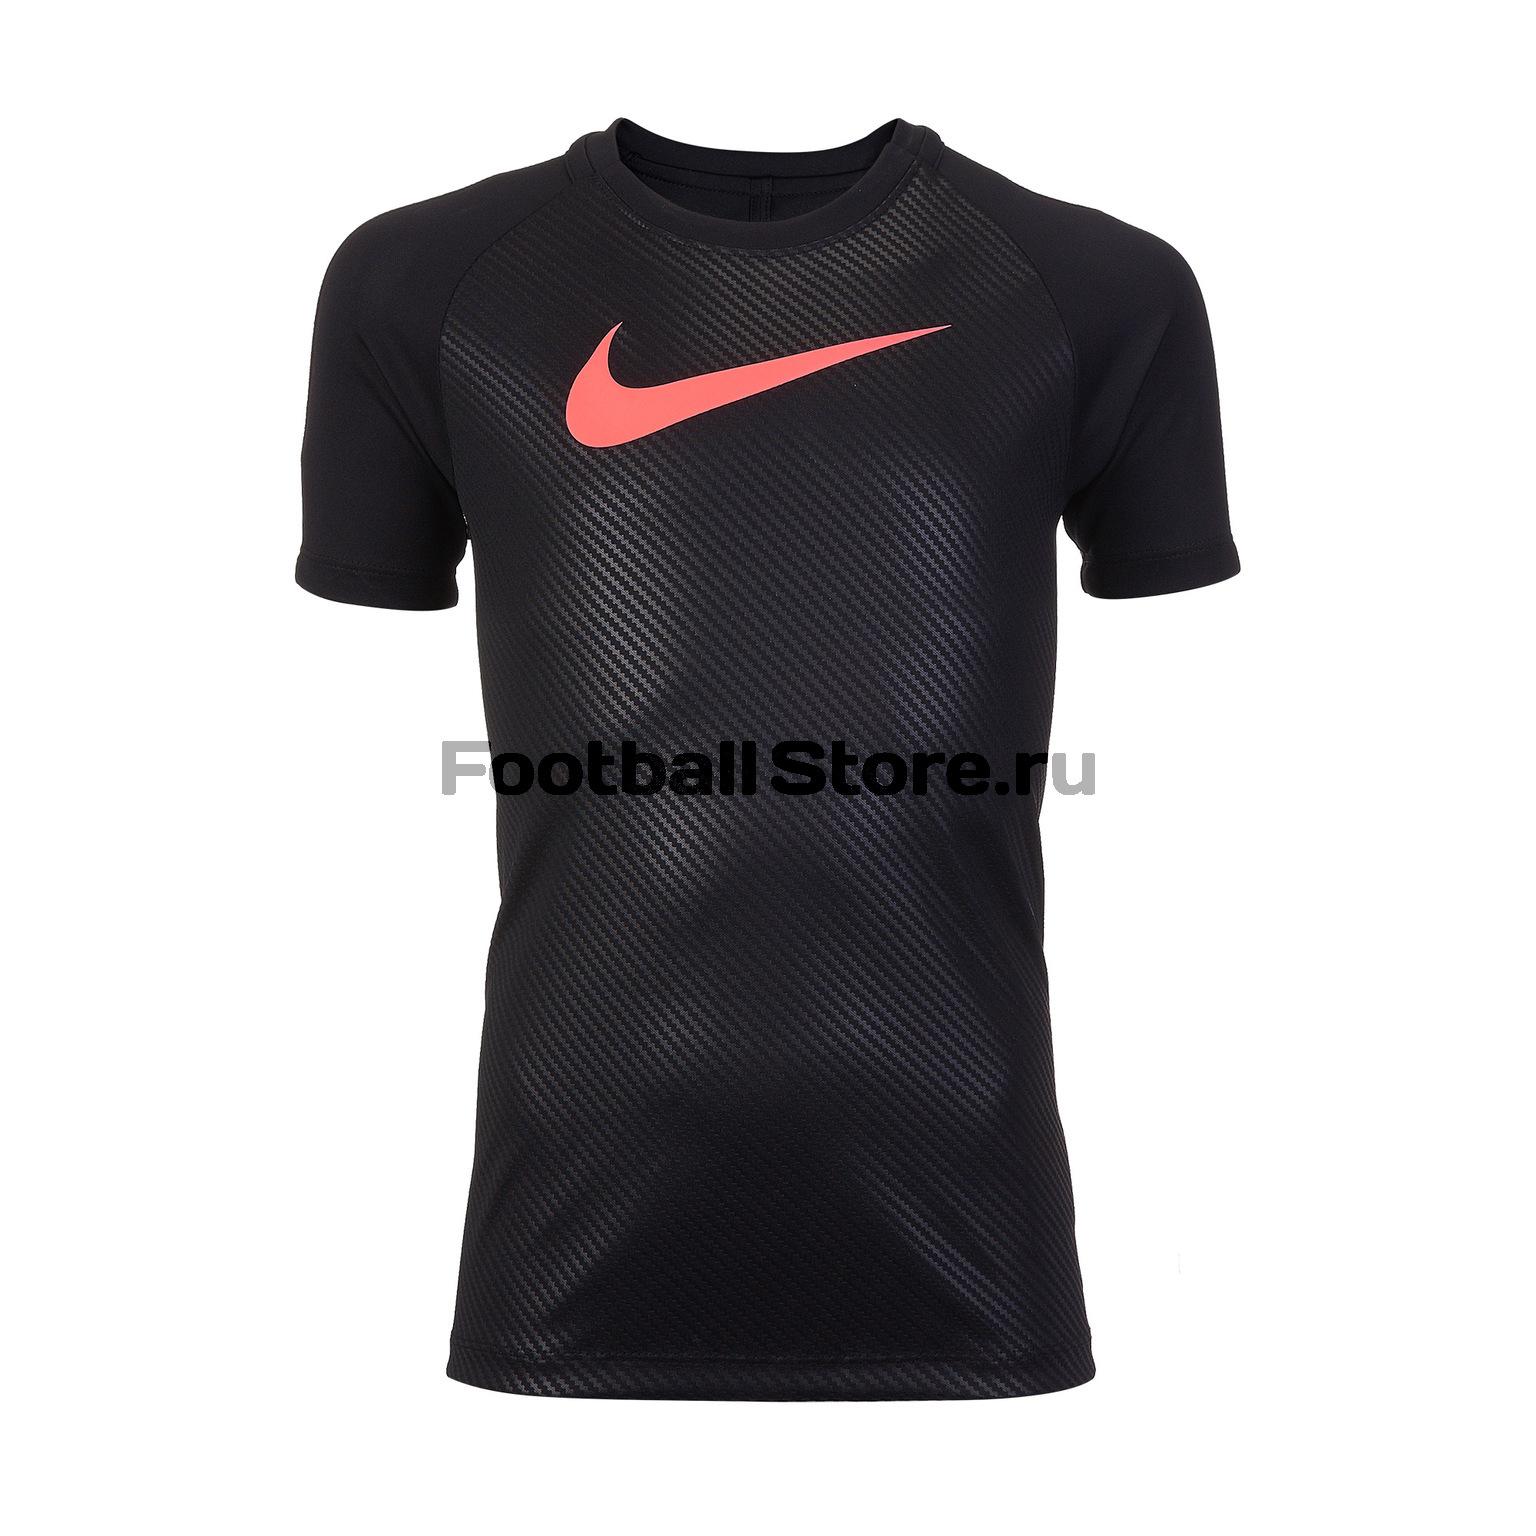 Футболка подростковая Nike Dry Academy AJ4229-010 олимпийка подростковая nike academy 588400 657